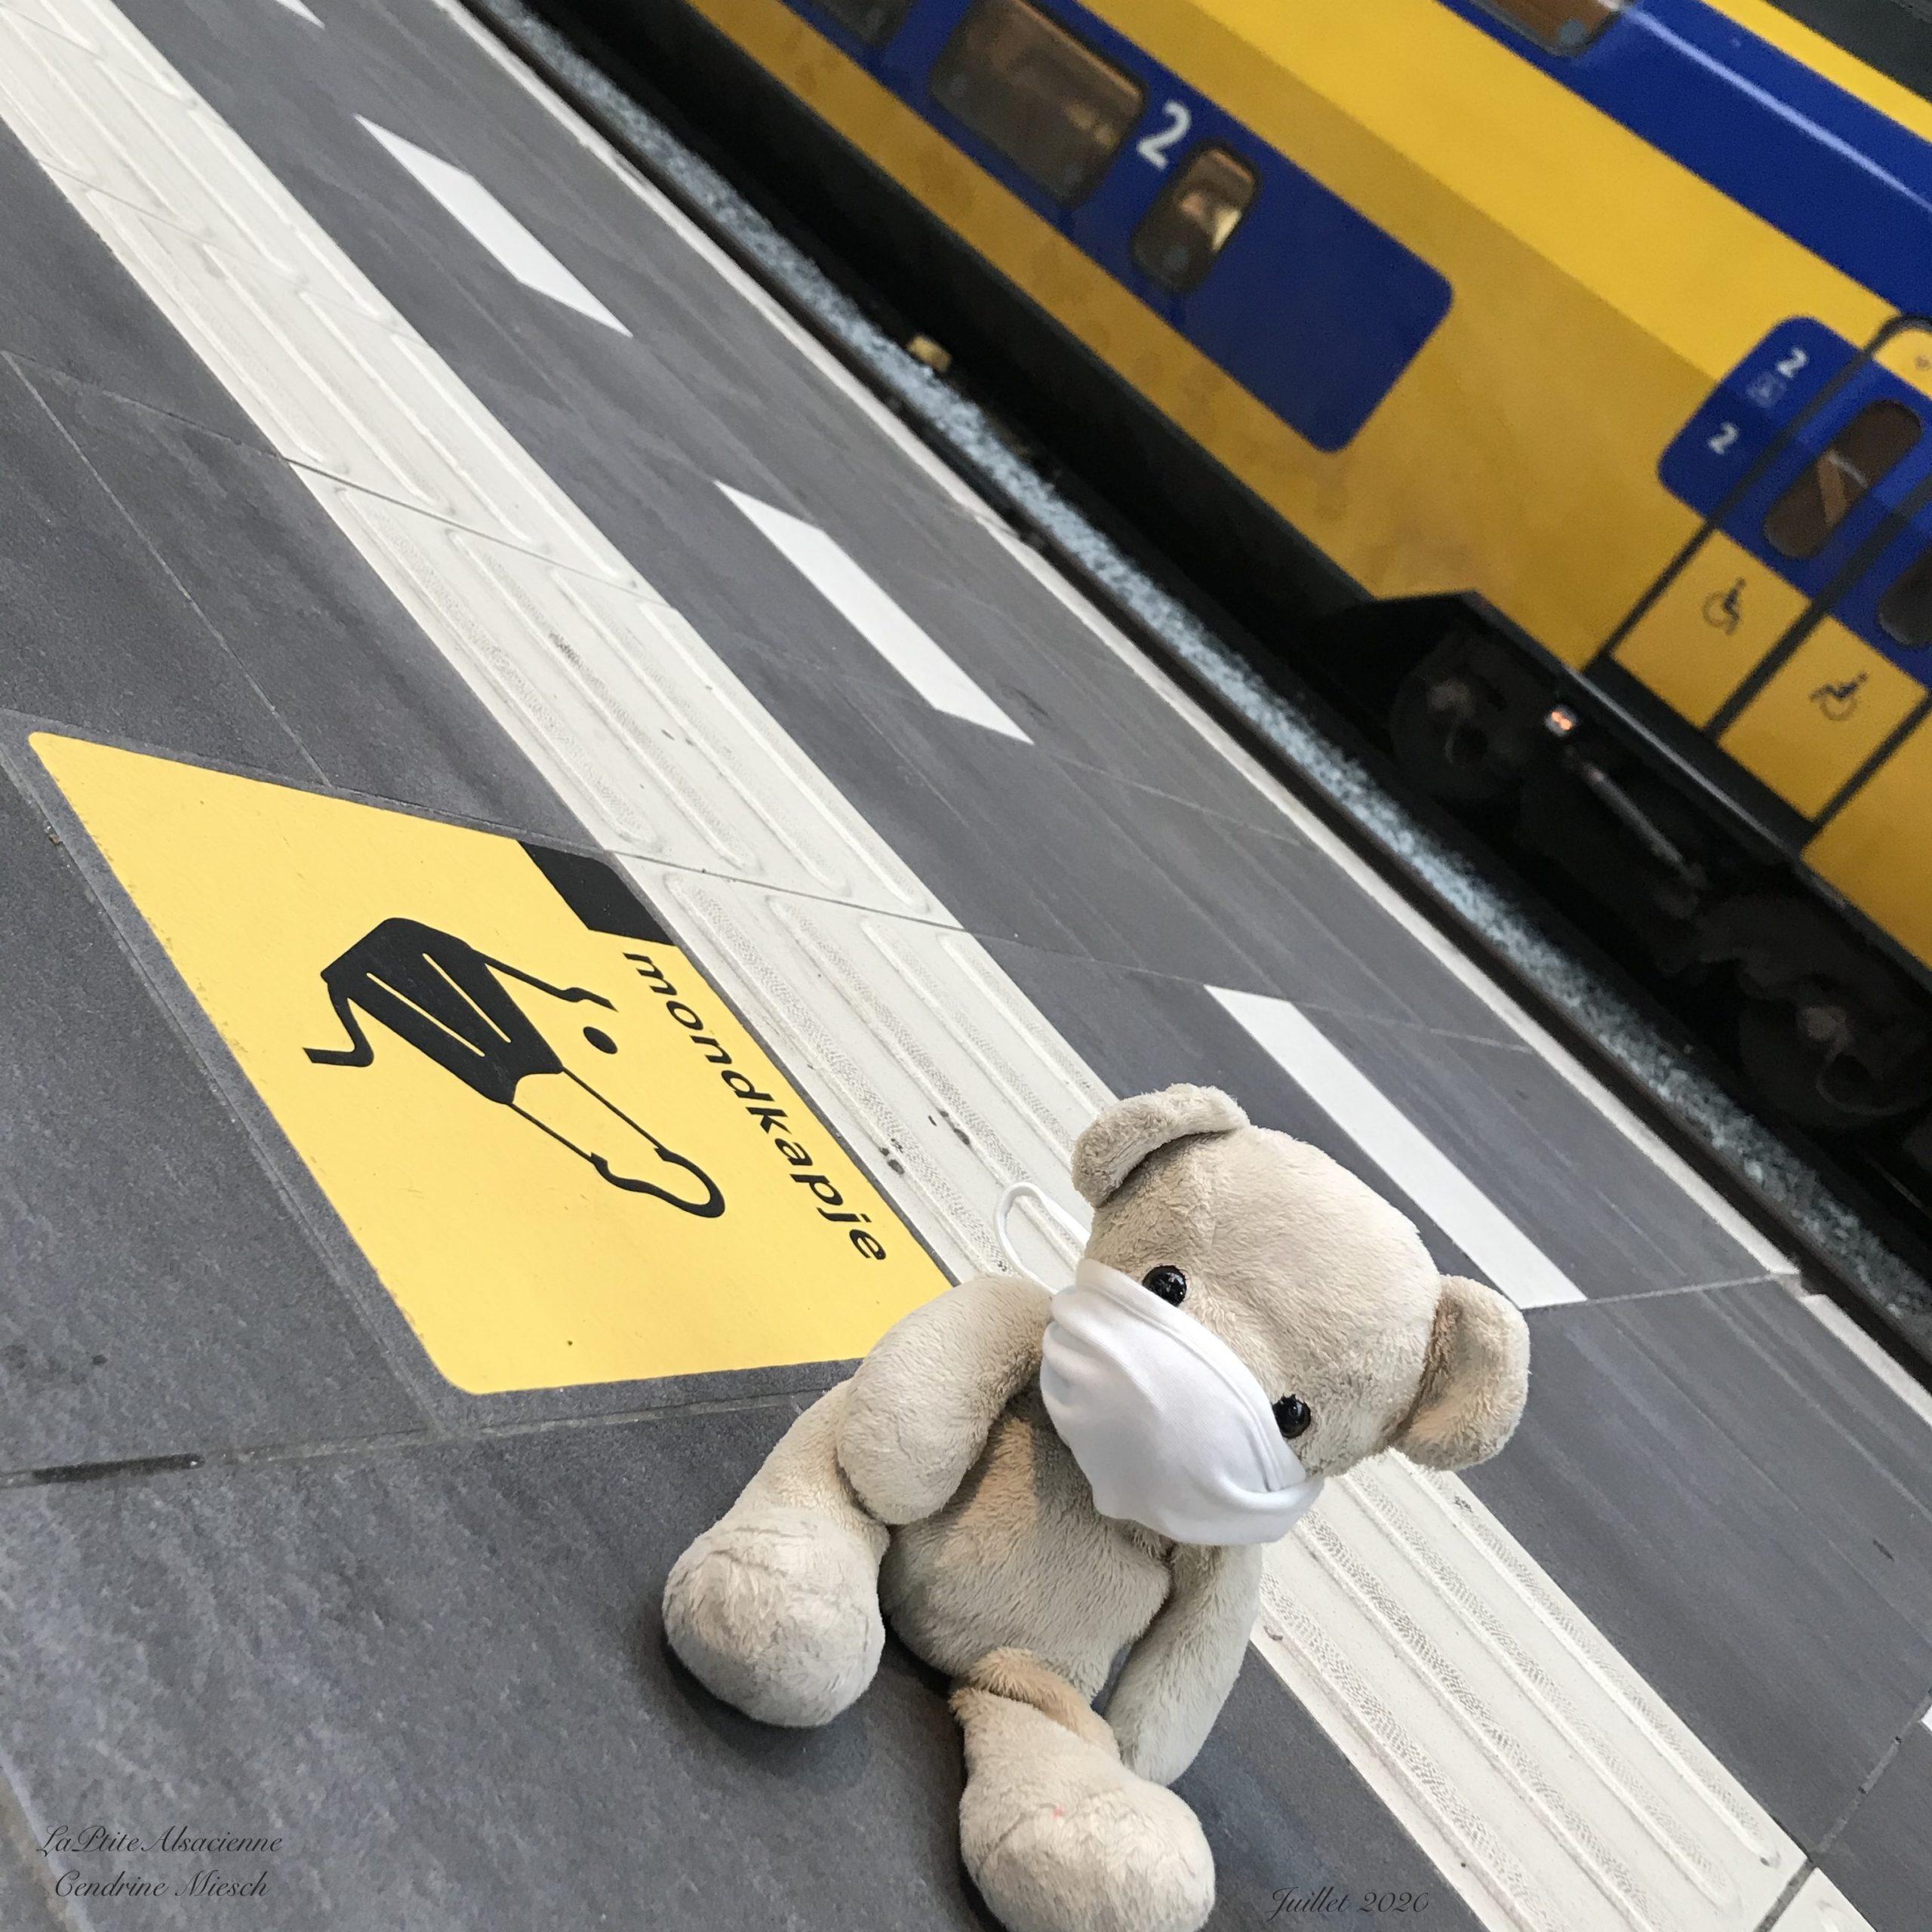 Doudou Sans nom se pli aux règles Covid19 en juillet 2020 lorsqu'il est à Amsterdam